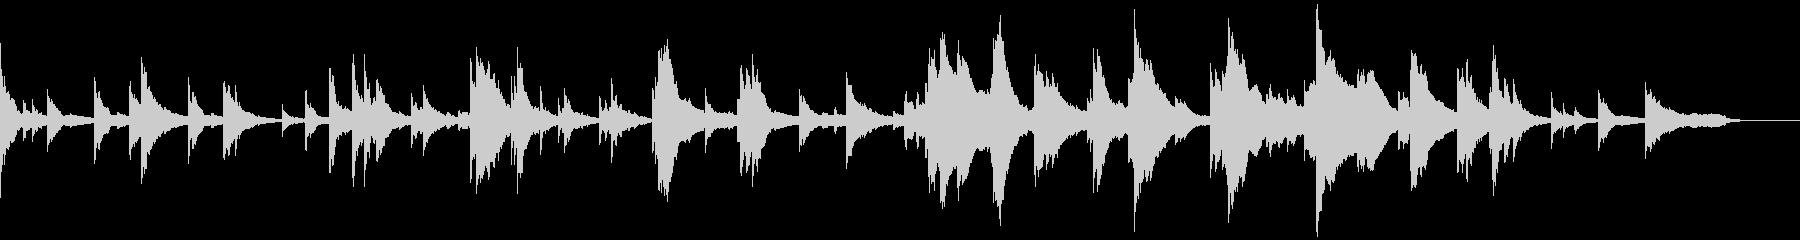 キッズポップミュージックの弾むと遊...の未再生の波形